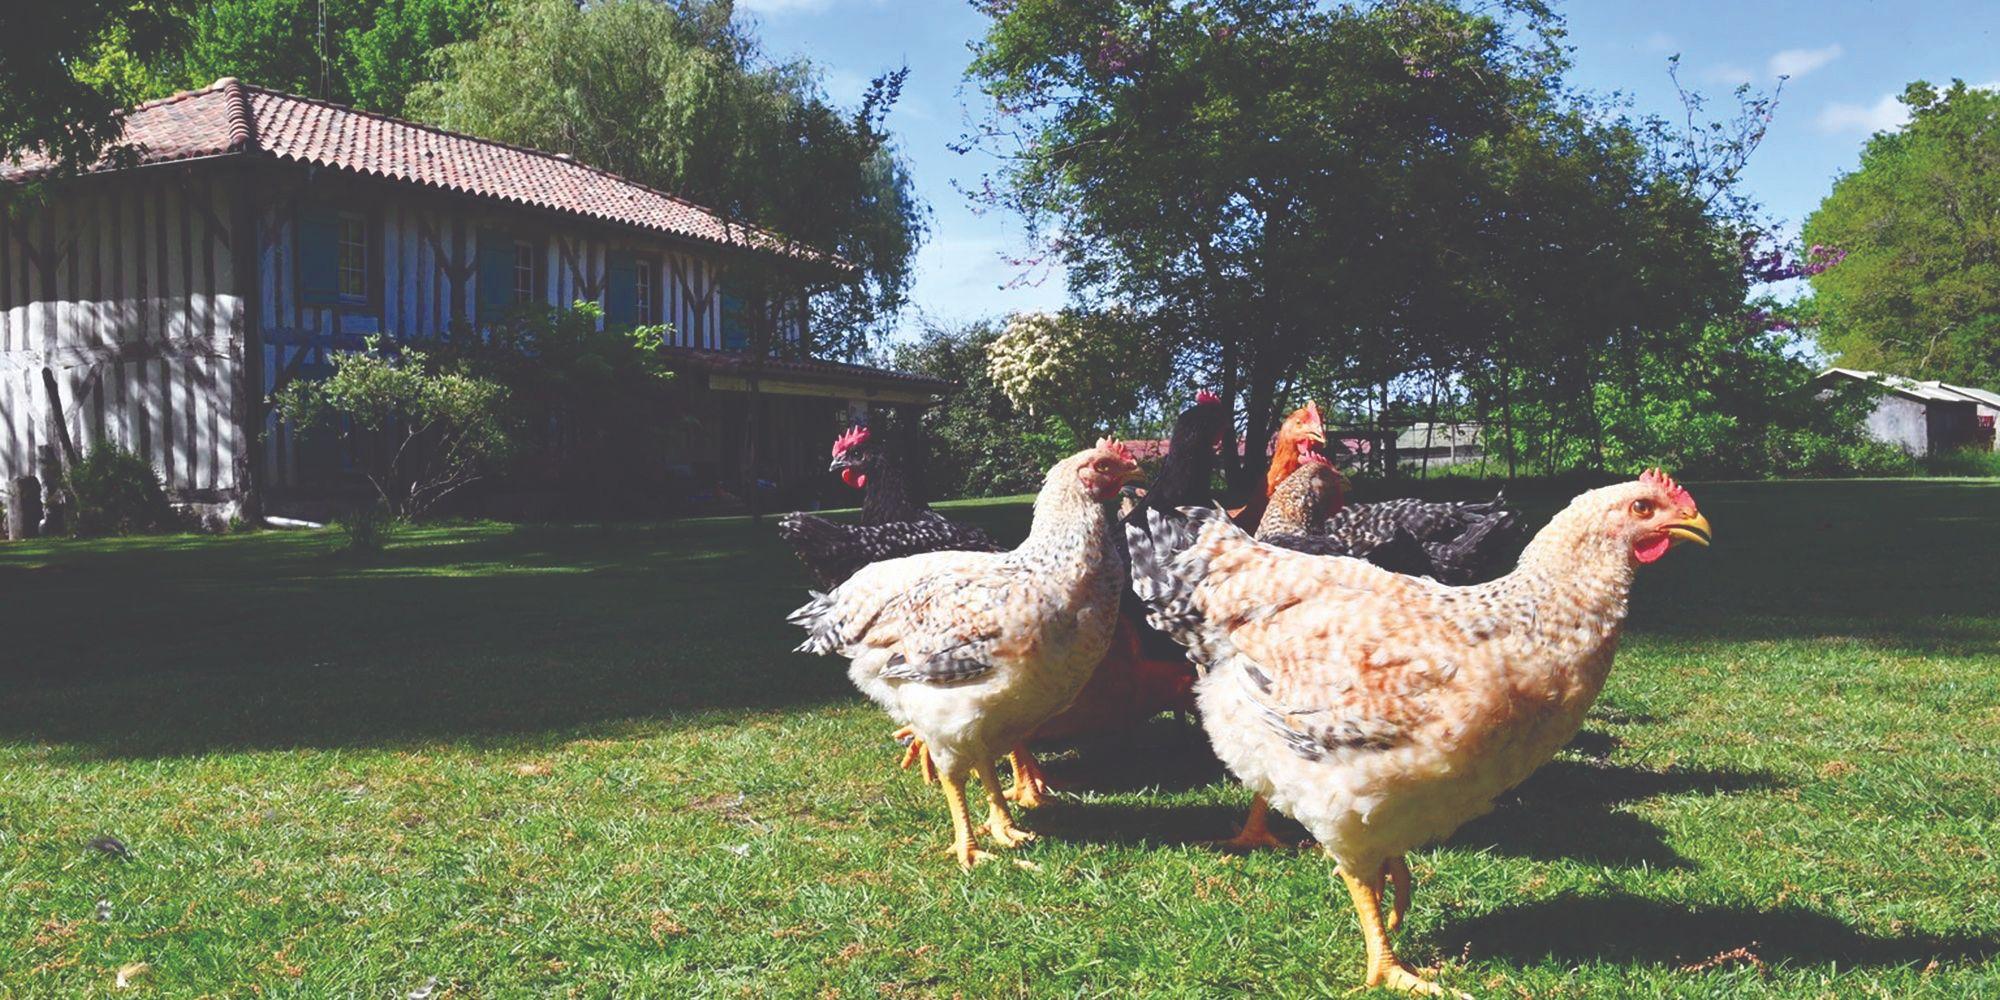 sasso pasmine kokoši